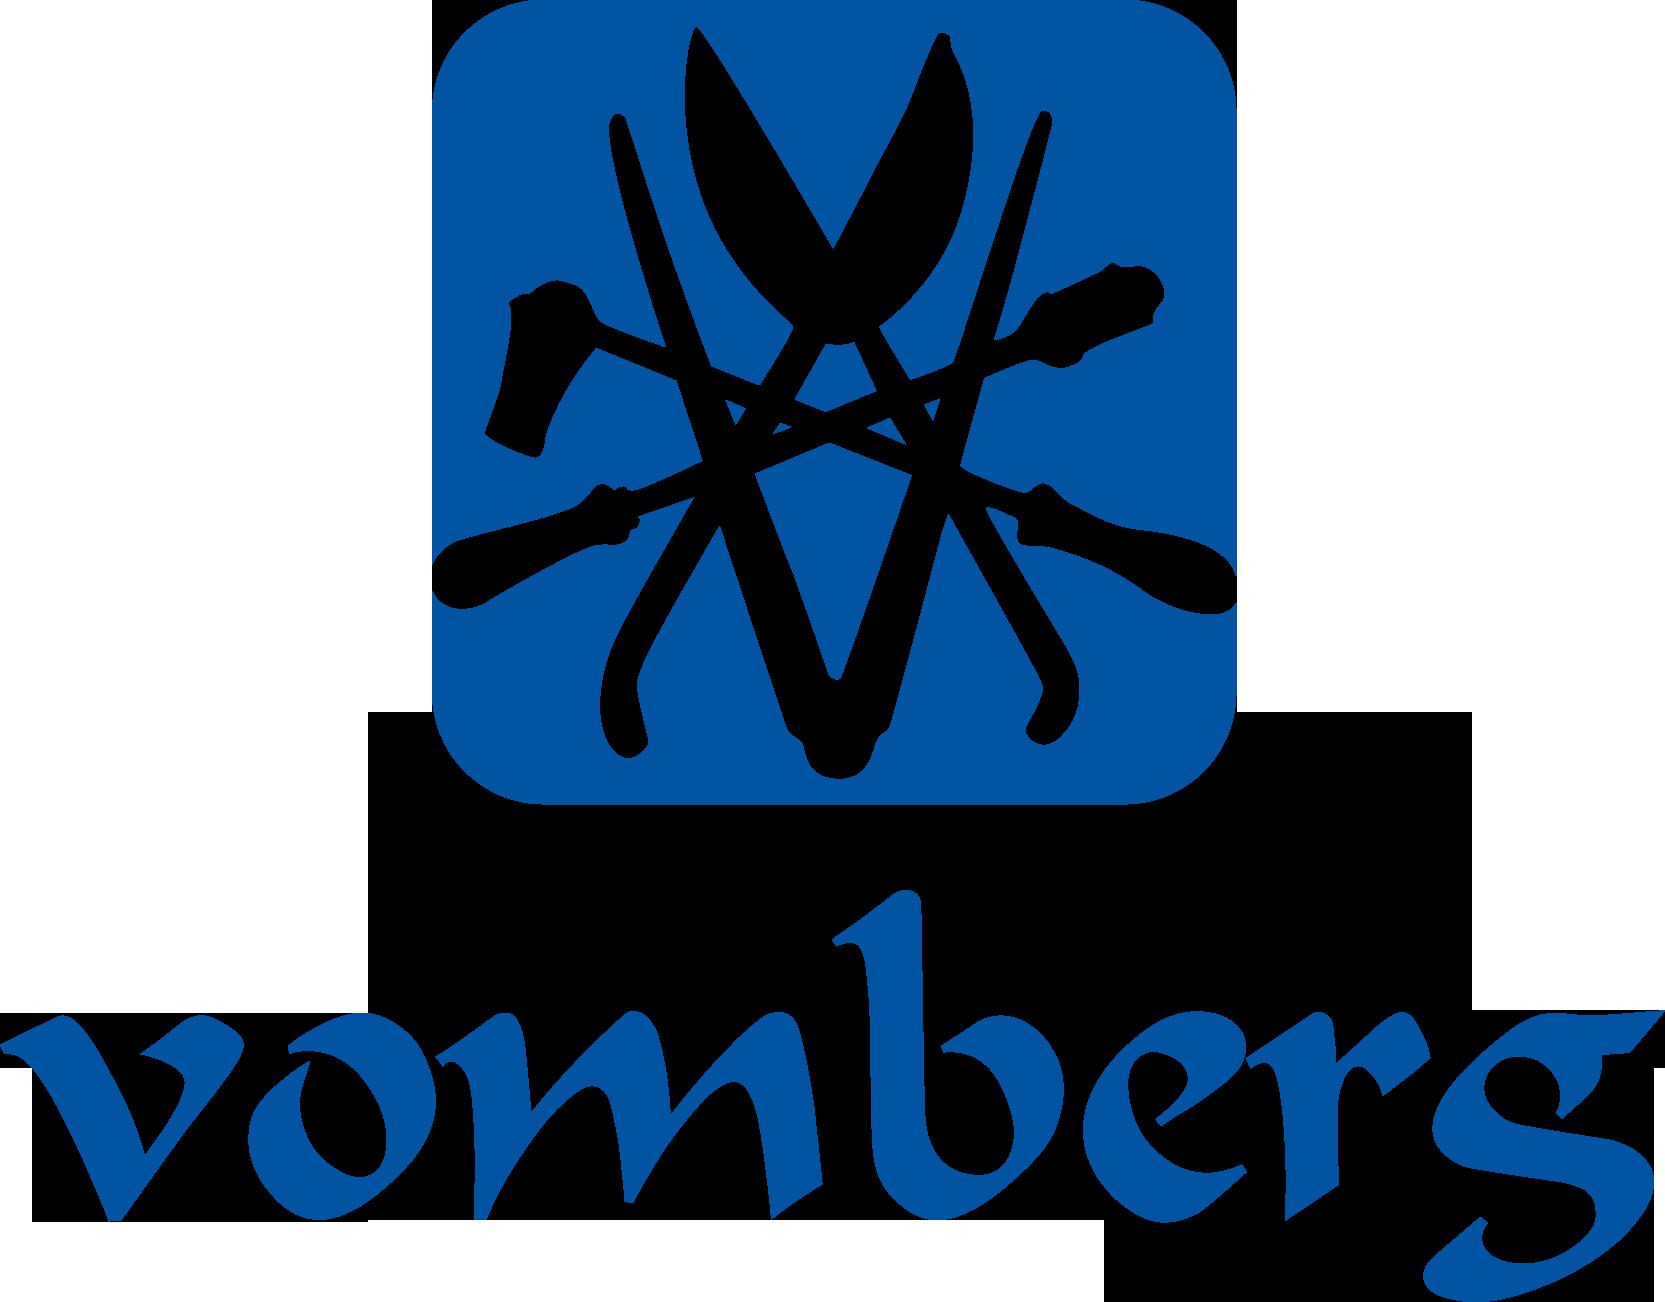 vomberg-haustechnik.de